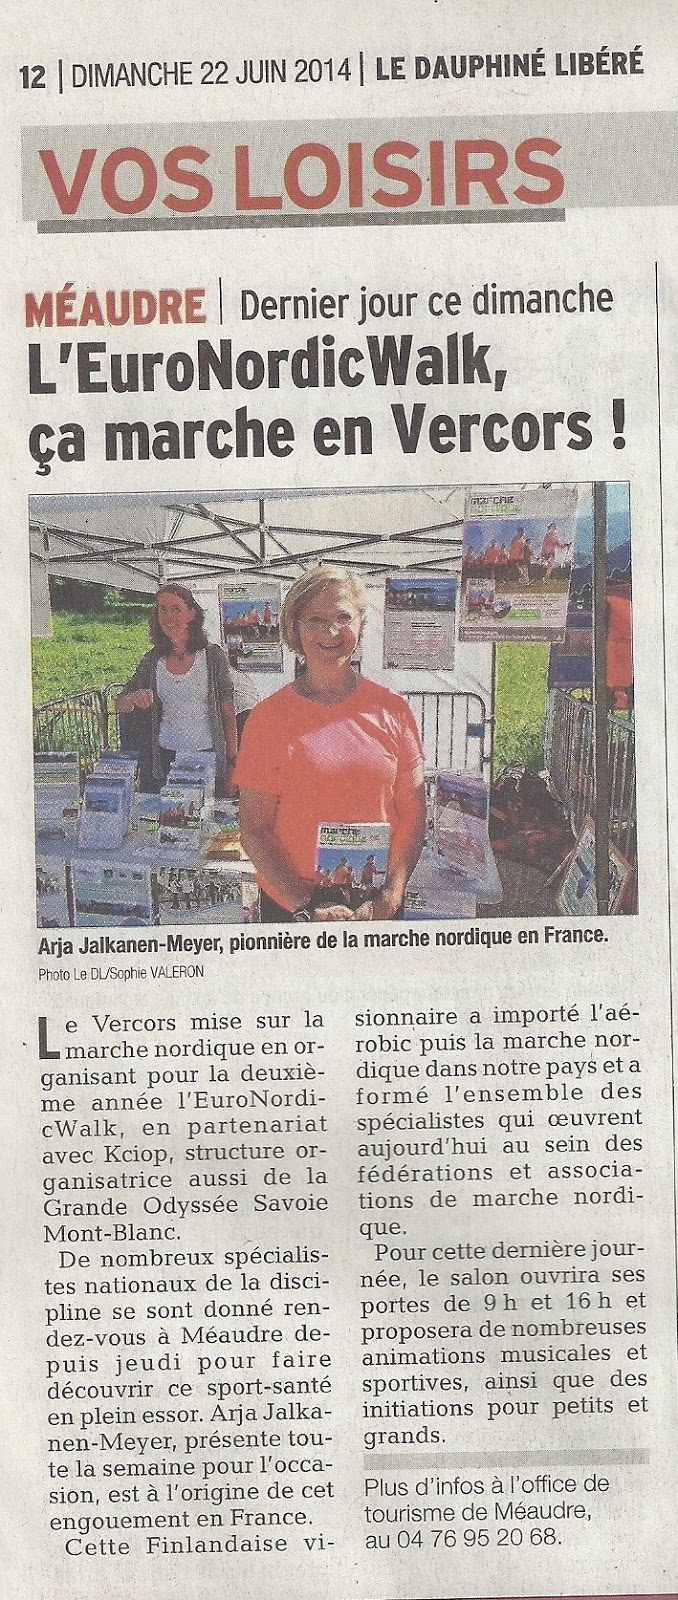 Article au Dauphiné Libéré dimanche 22 Juin 2014 L'EuroNordicWalk, ça marche en Vercors